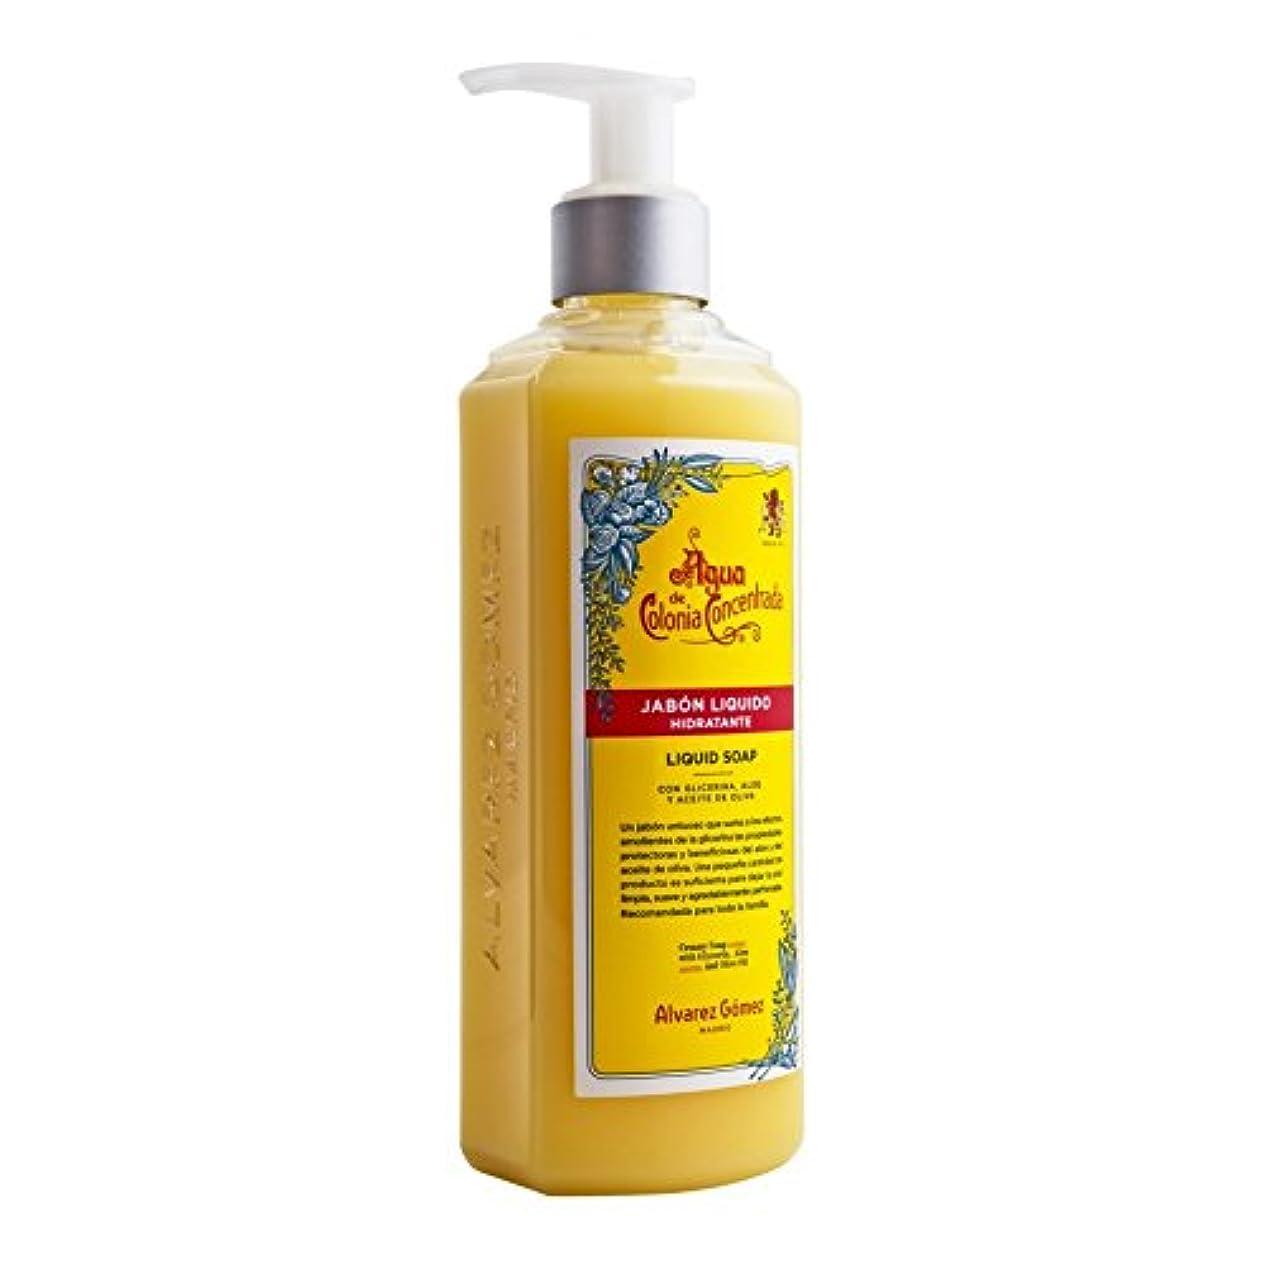 エミュレートするクロス故意に?lvarez G?mez Agua de Colonia Concentrada Liquid Soap 300ml - アルバレスゴメスアグアデコロニ液体石鹸300ミリリットル [並行輸入品]